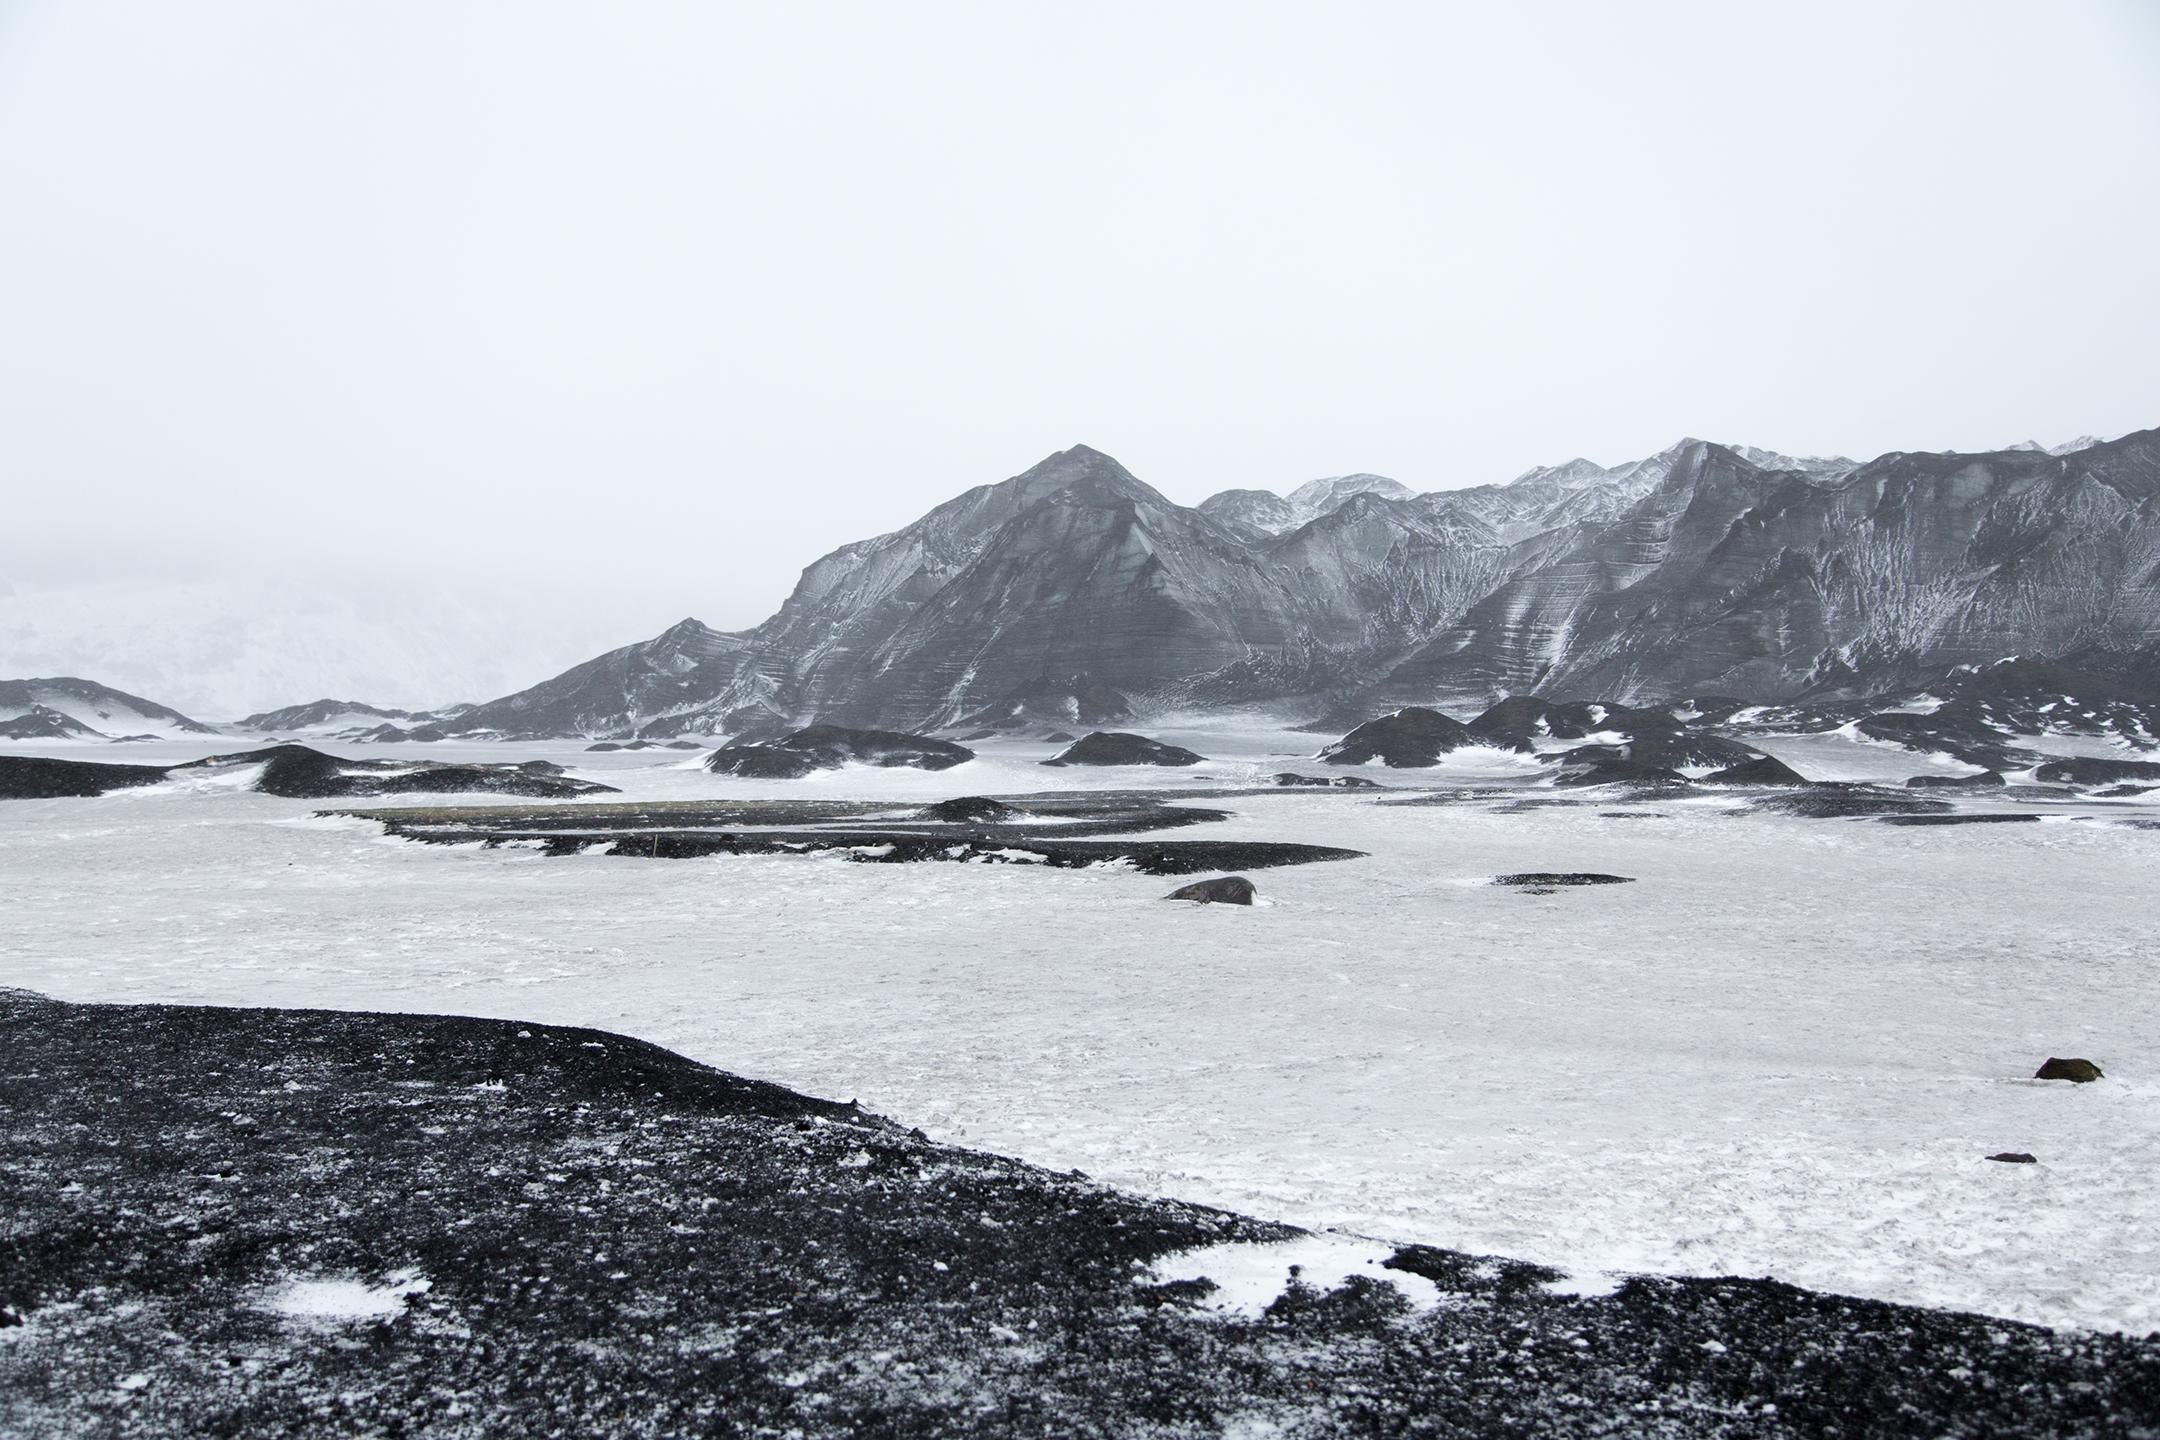 Mýrdalsjökull, Iceland